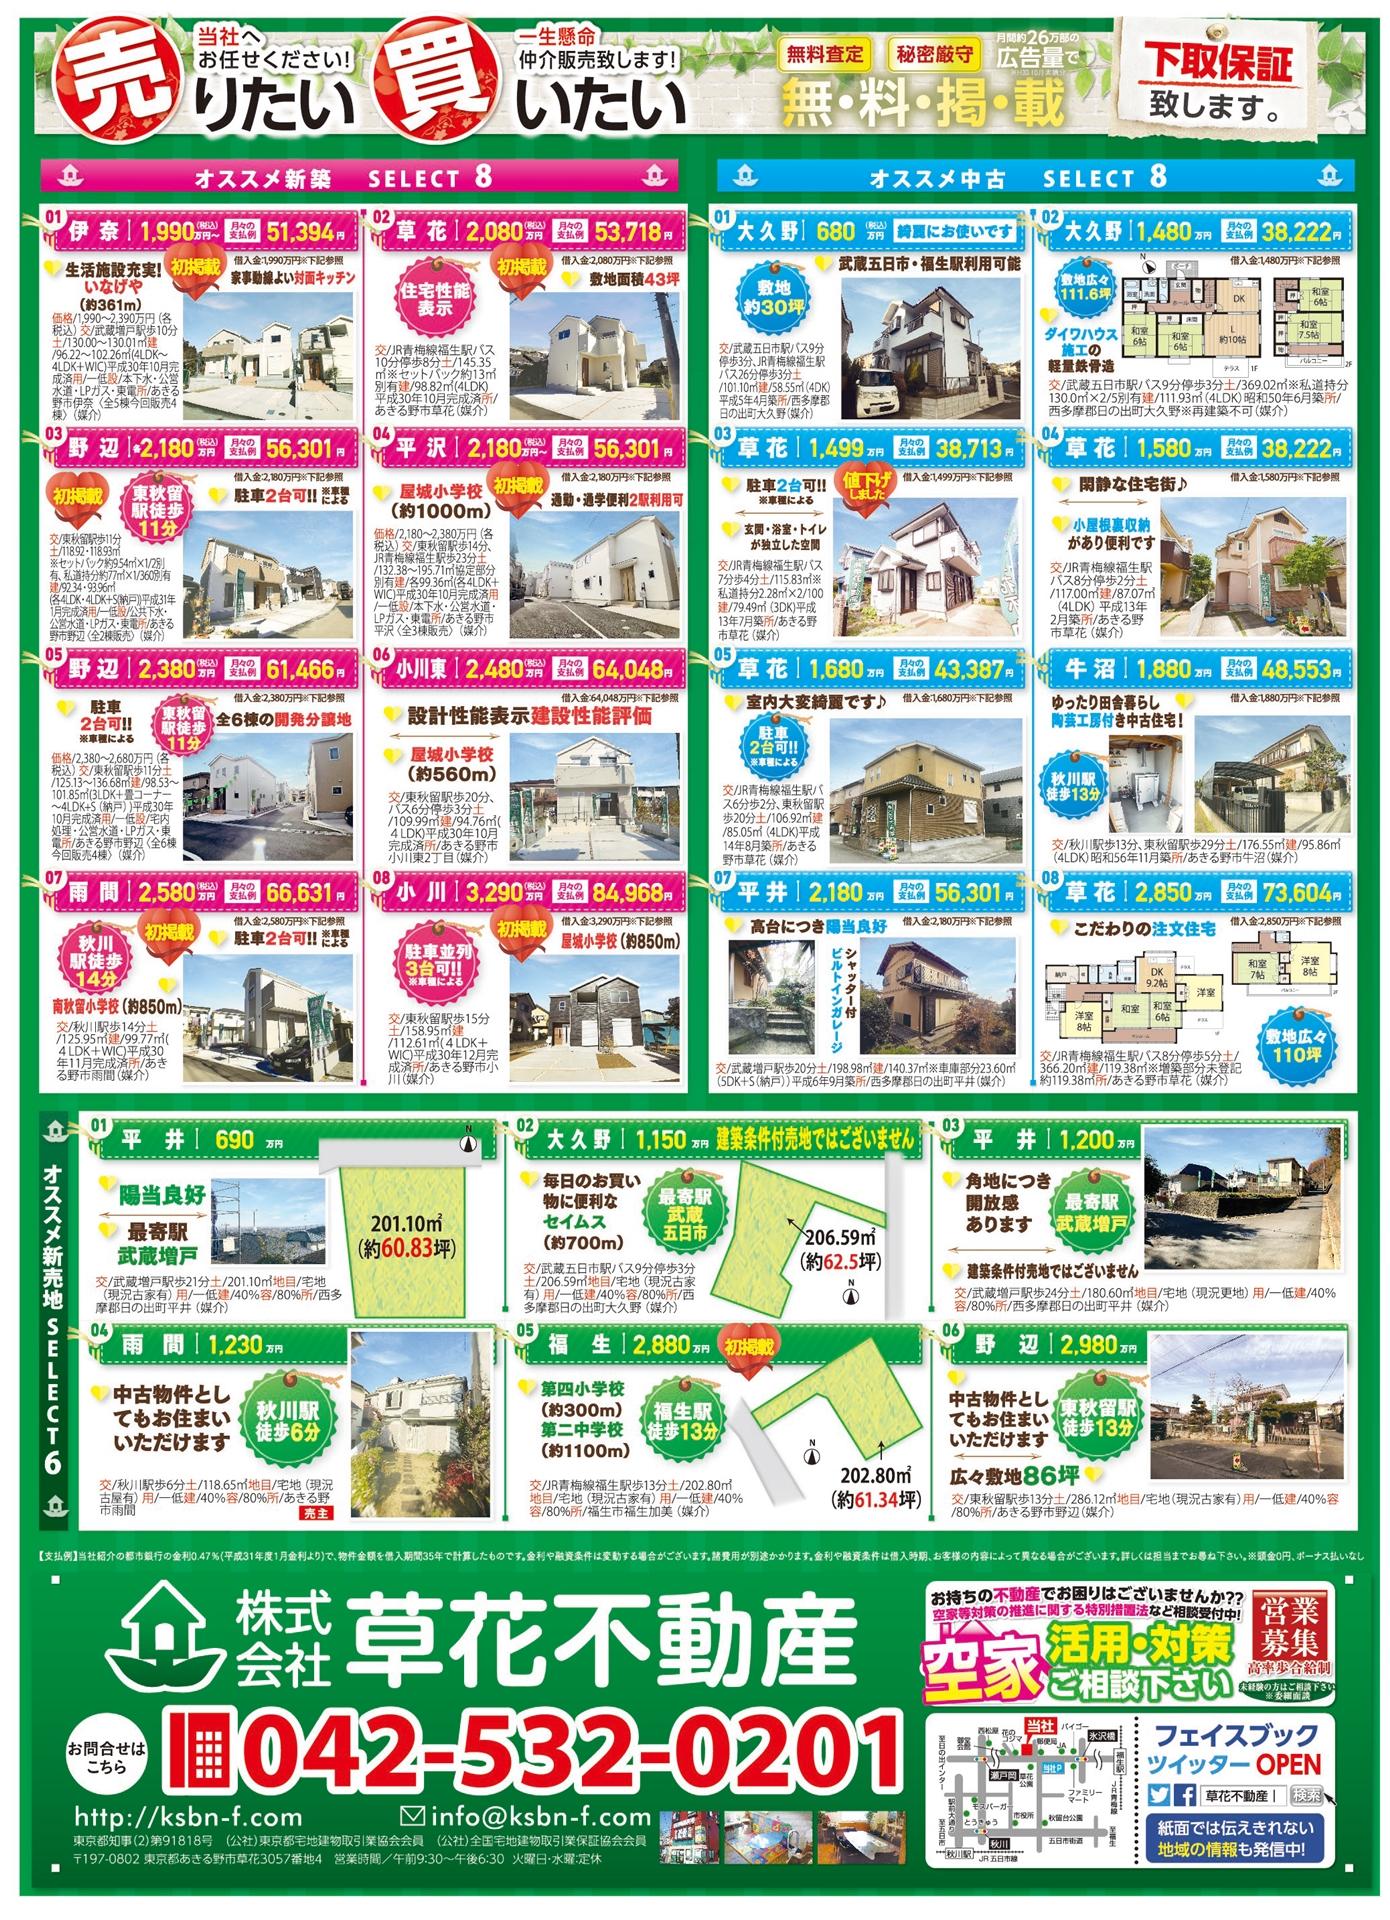 2月2日 新聞折込広告